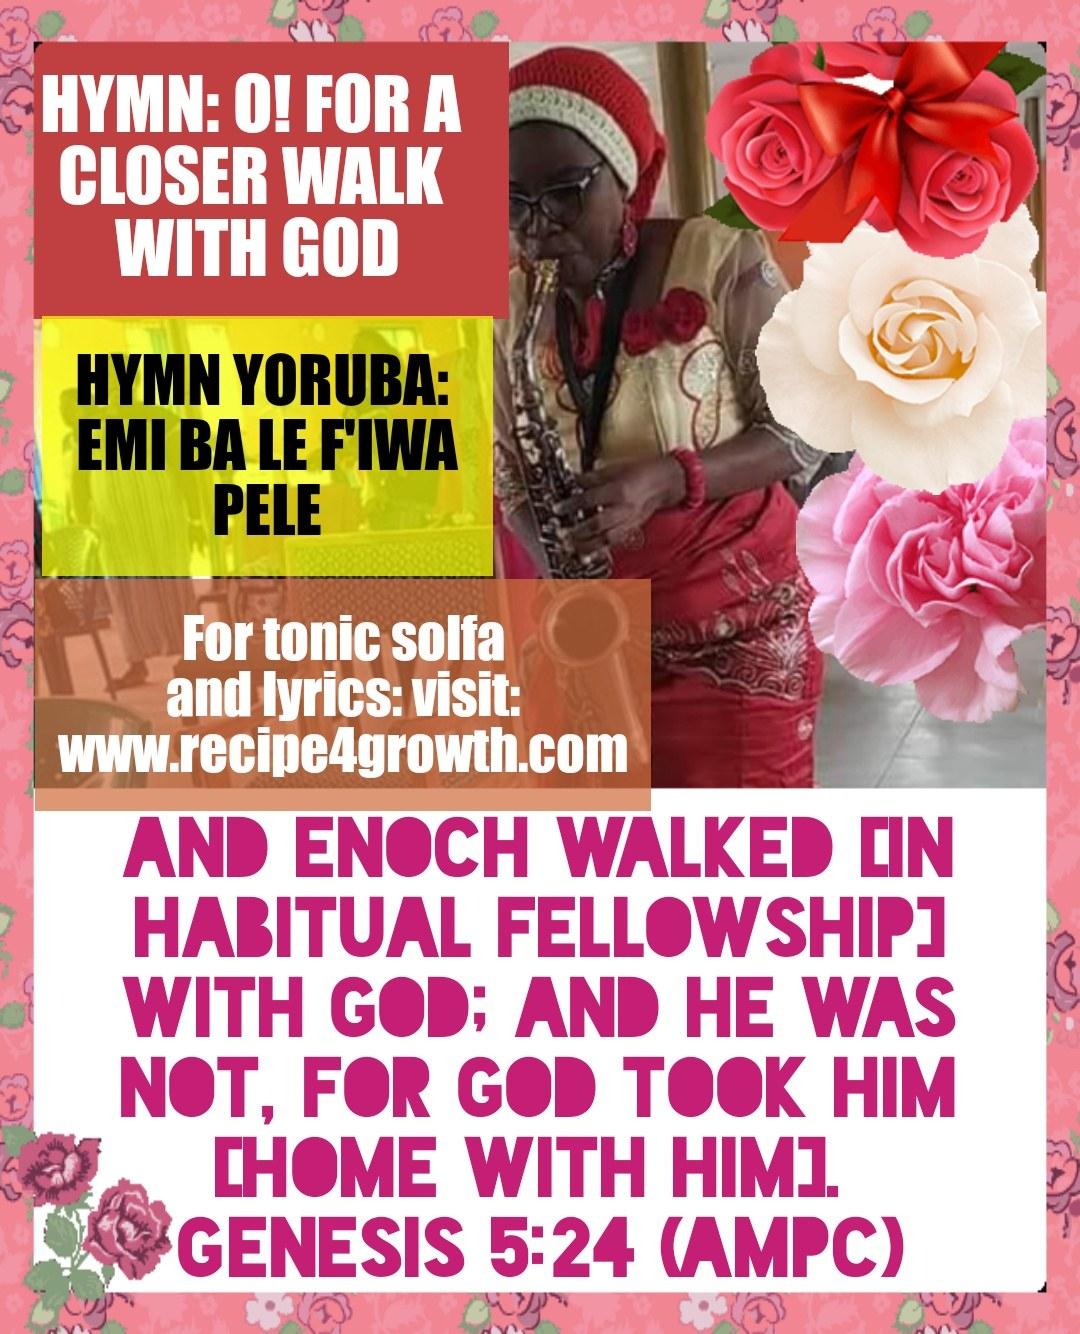 O! FOR A CLOSER WALK WITH GOD